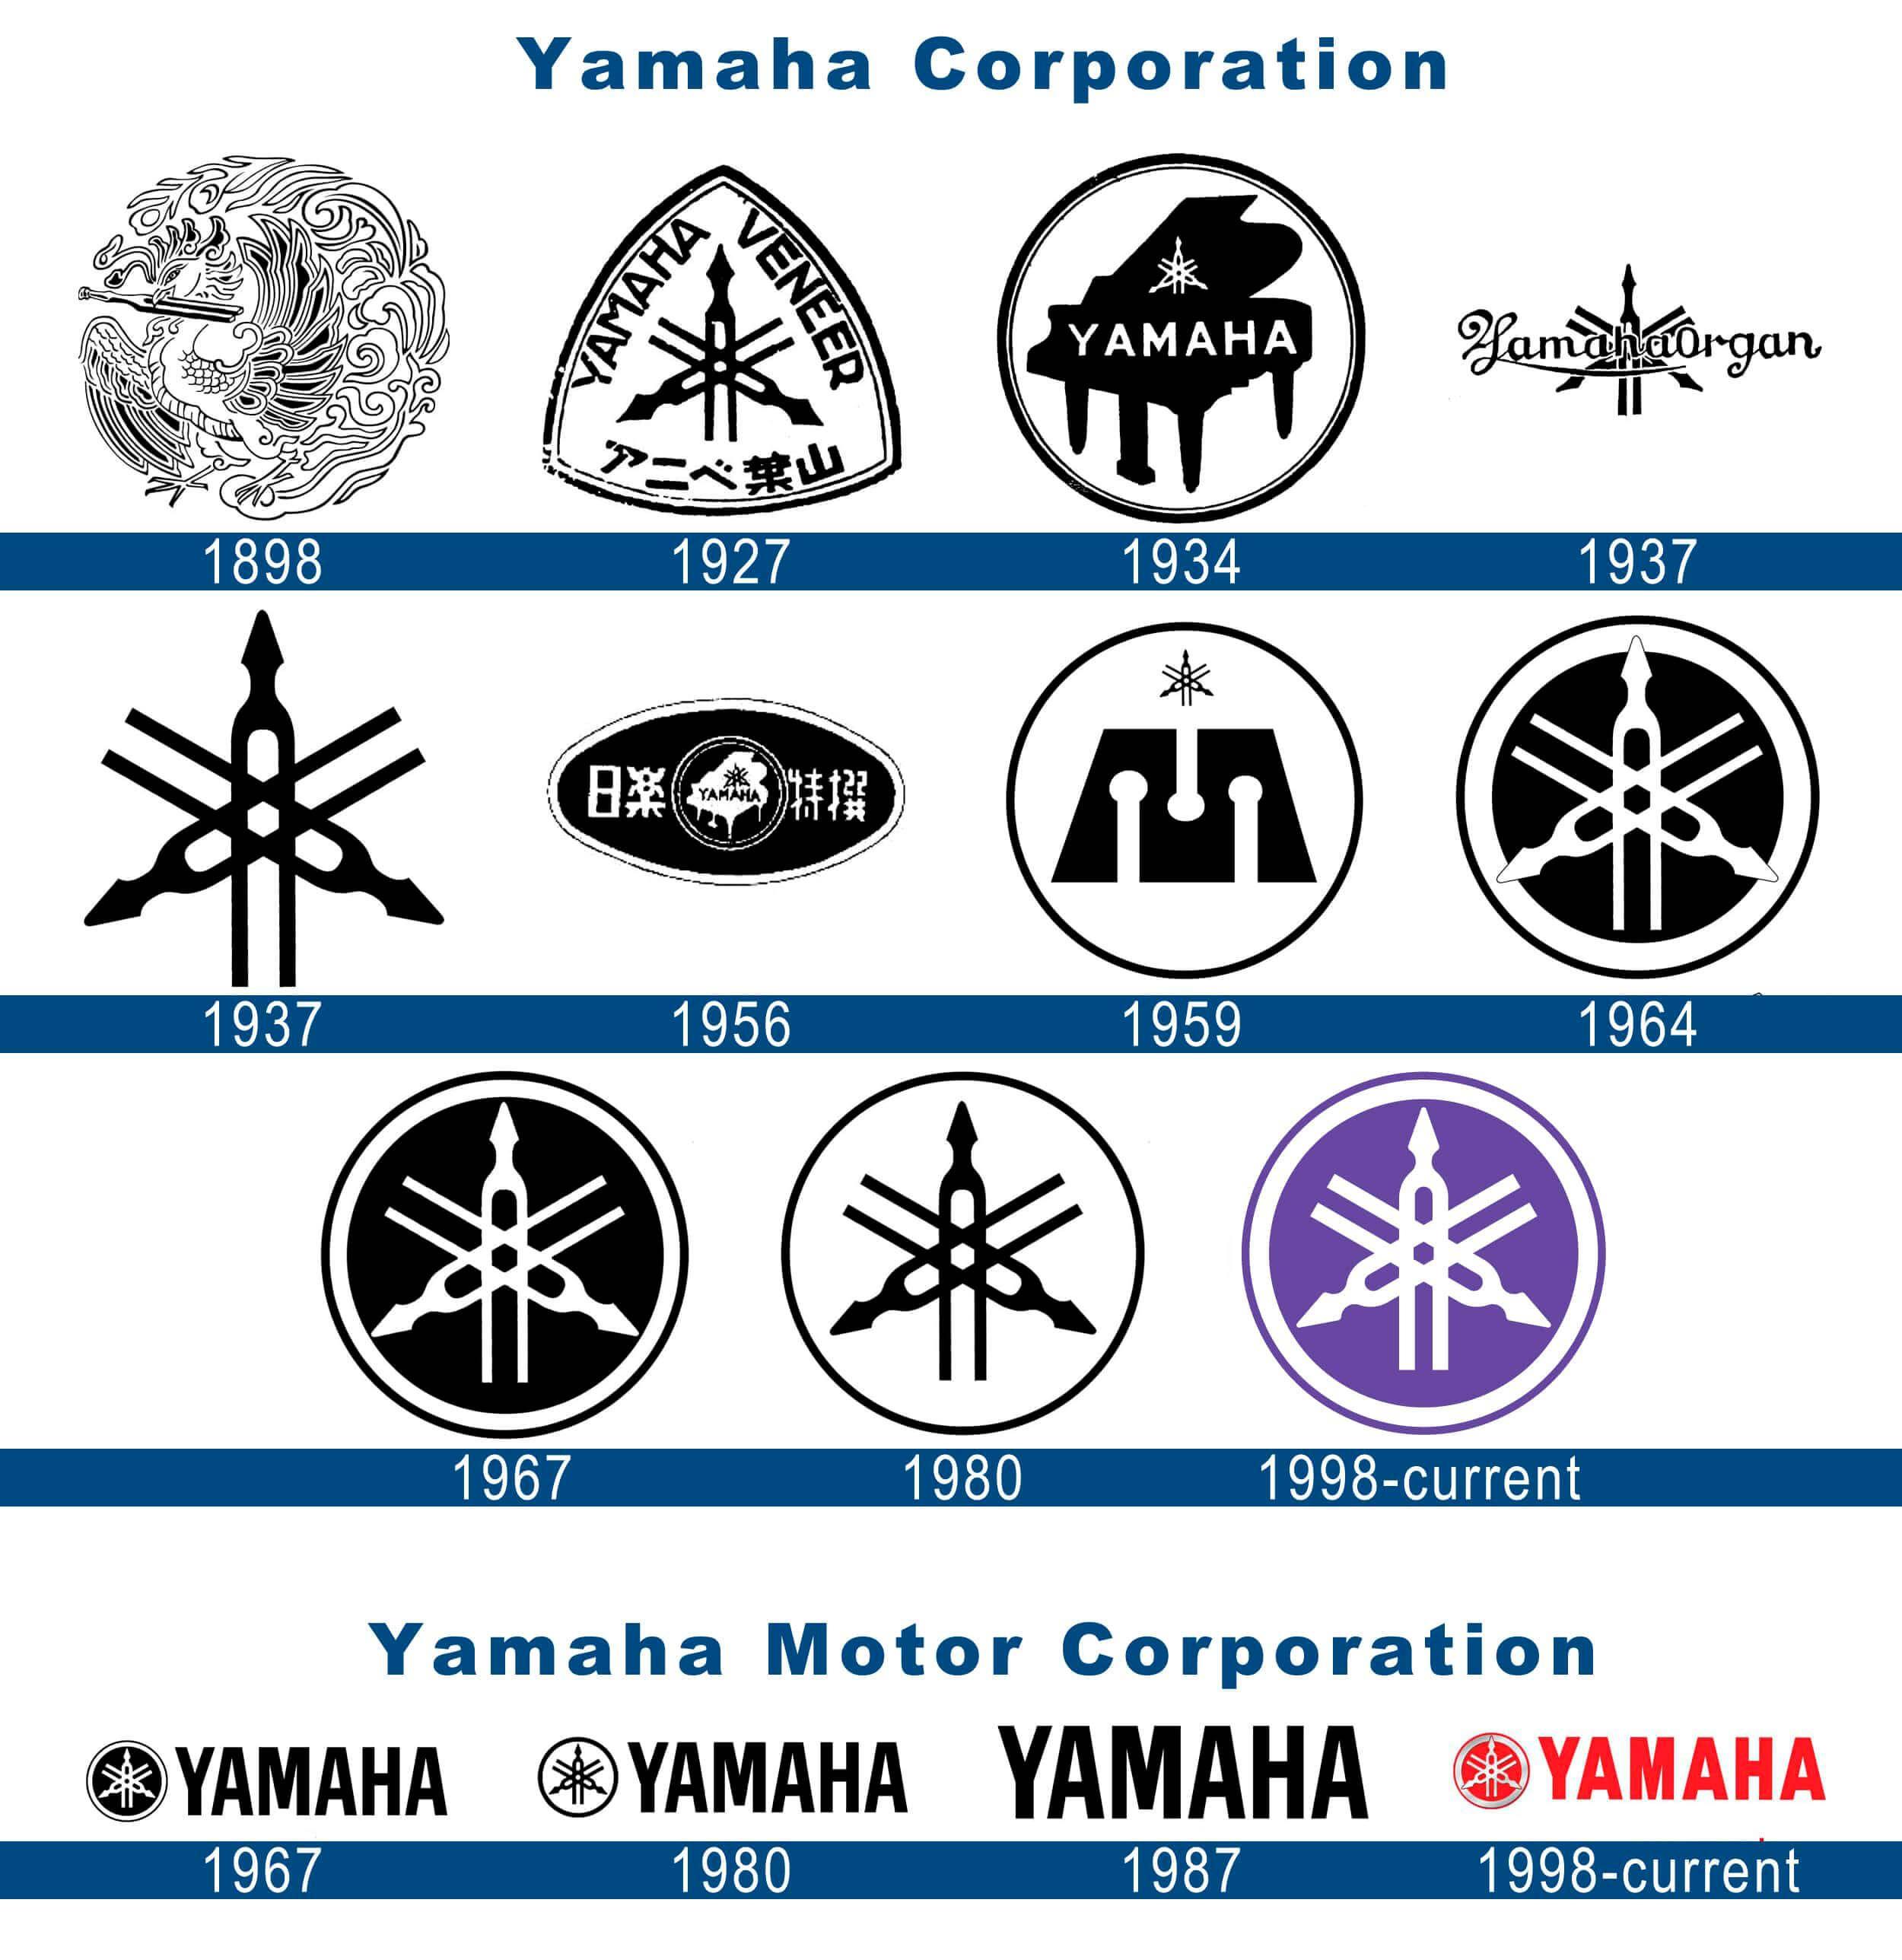 yamaha logo history yamaha logo yamaha motorcycles cars and motorcycles motorcycle logo  [ 2500 x 2576 Pixel ]